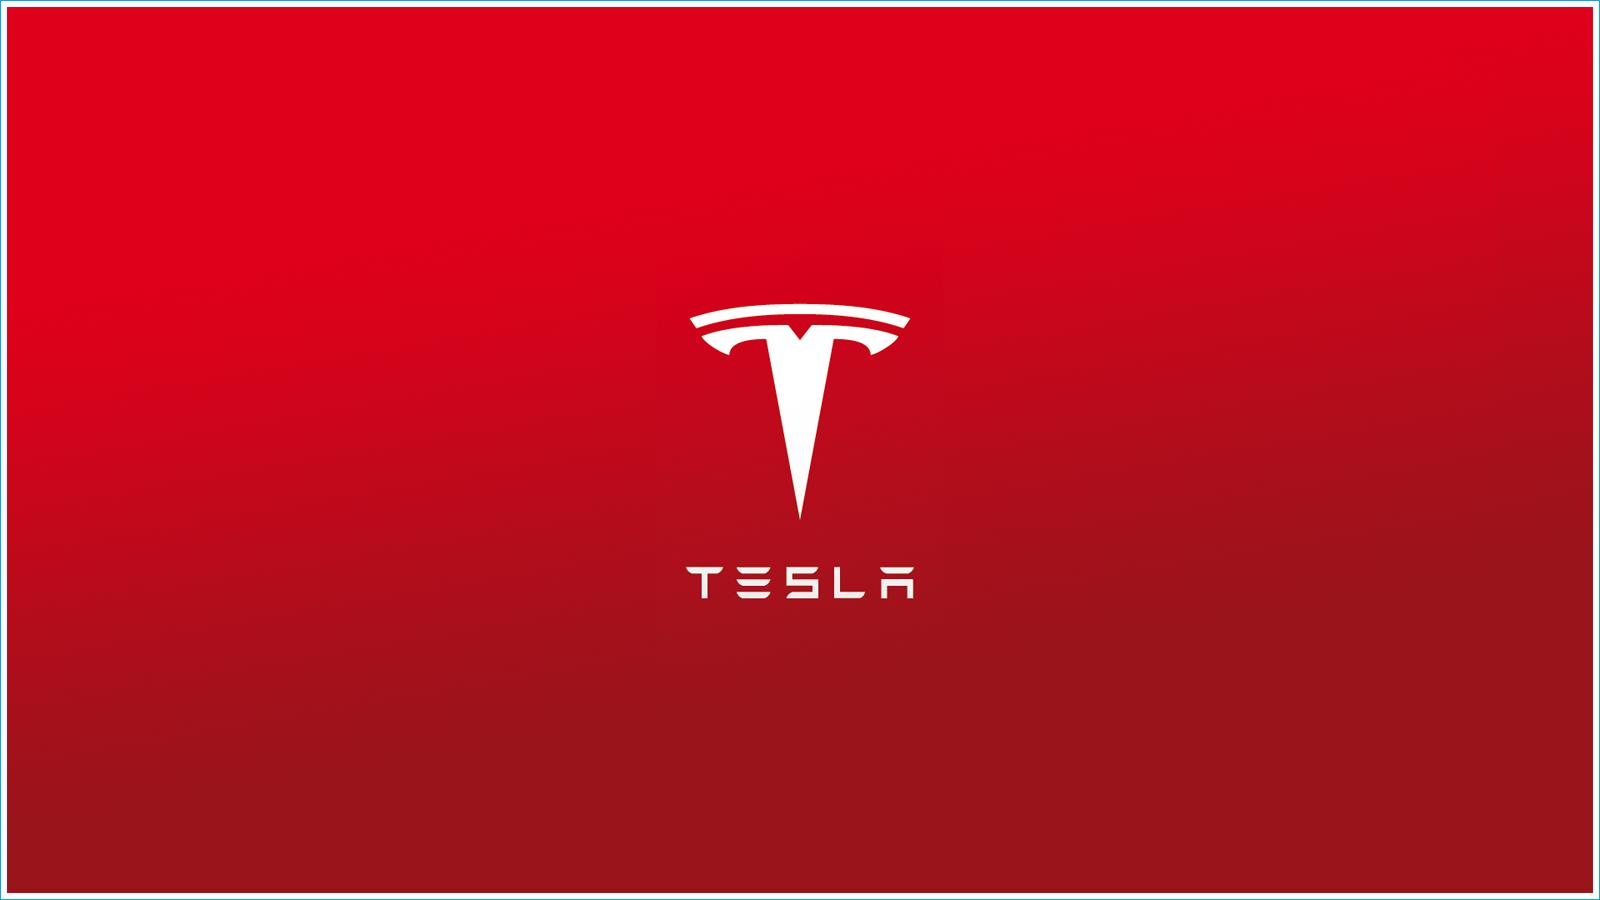 le logo tesla les marques de voitures